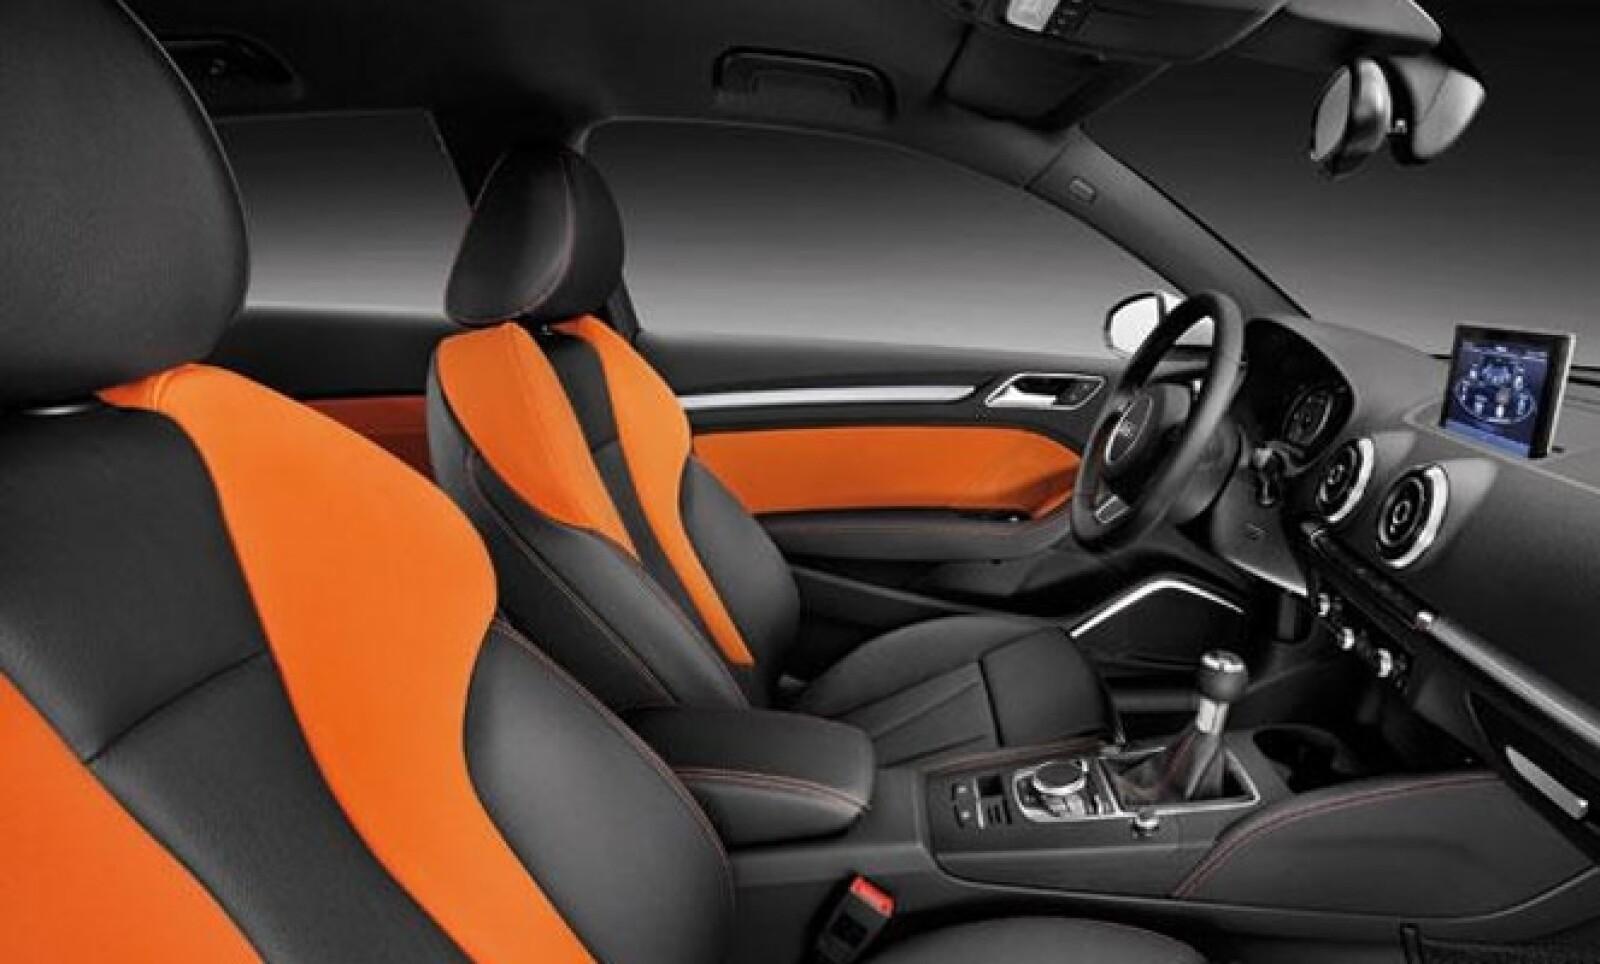 En el interior se aprecia un rediseño completo y más elegantes gracias a las incrustaciones y terminaciones en distintos materiales.